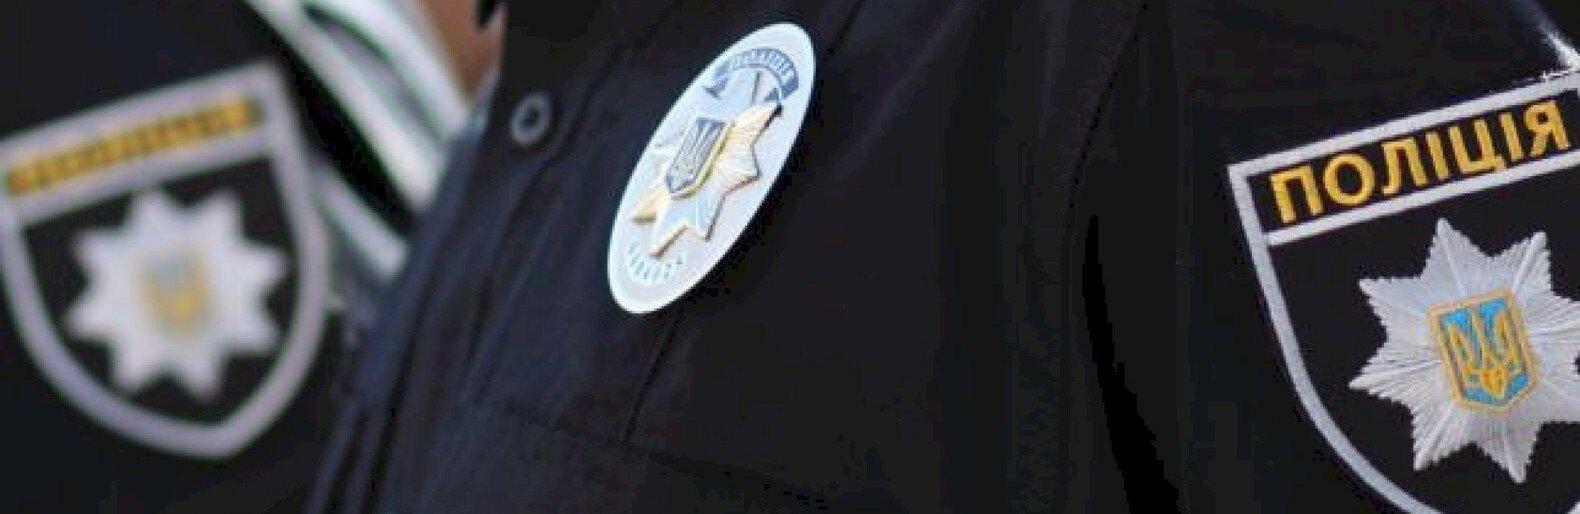 Дерзкое ограбление в Одессе: ударили пару раз по голове и отобрали...0